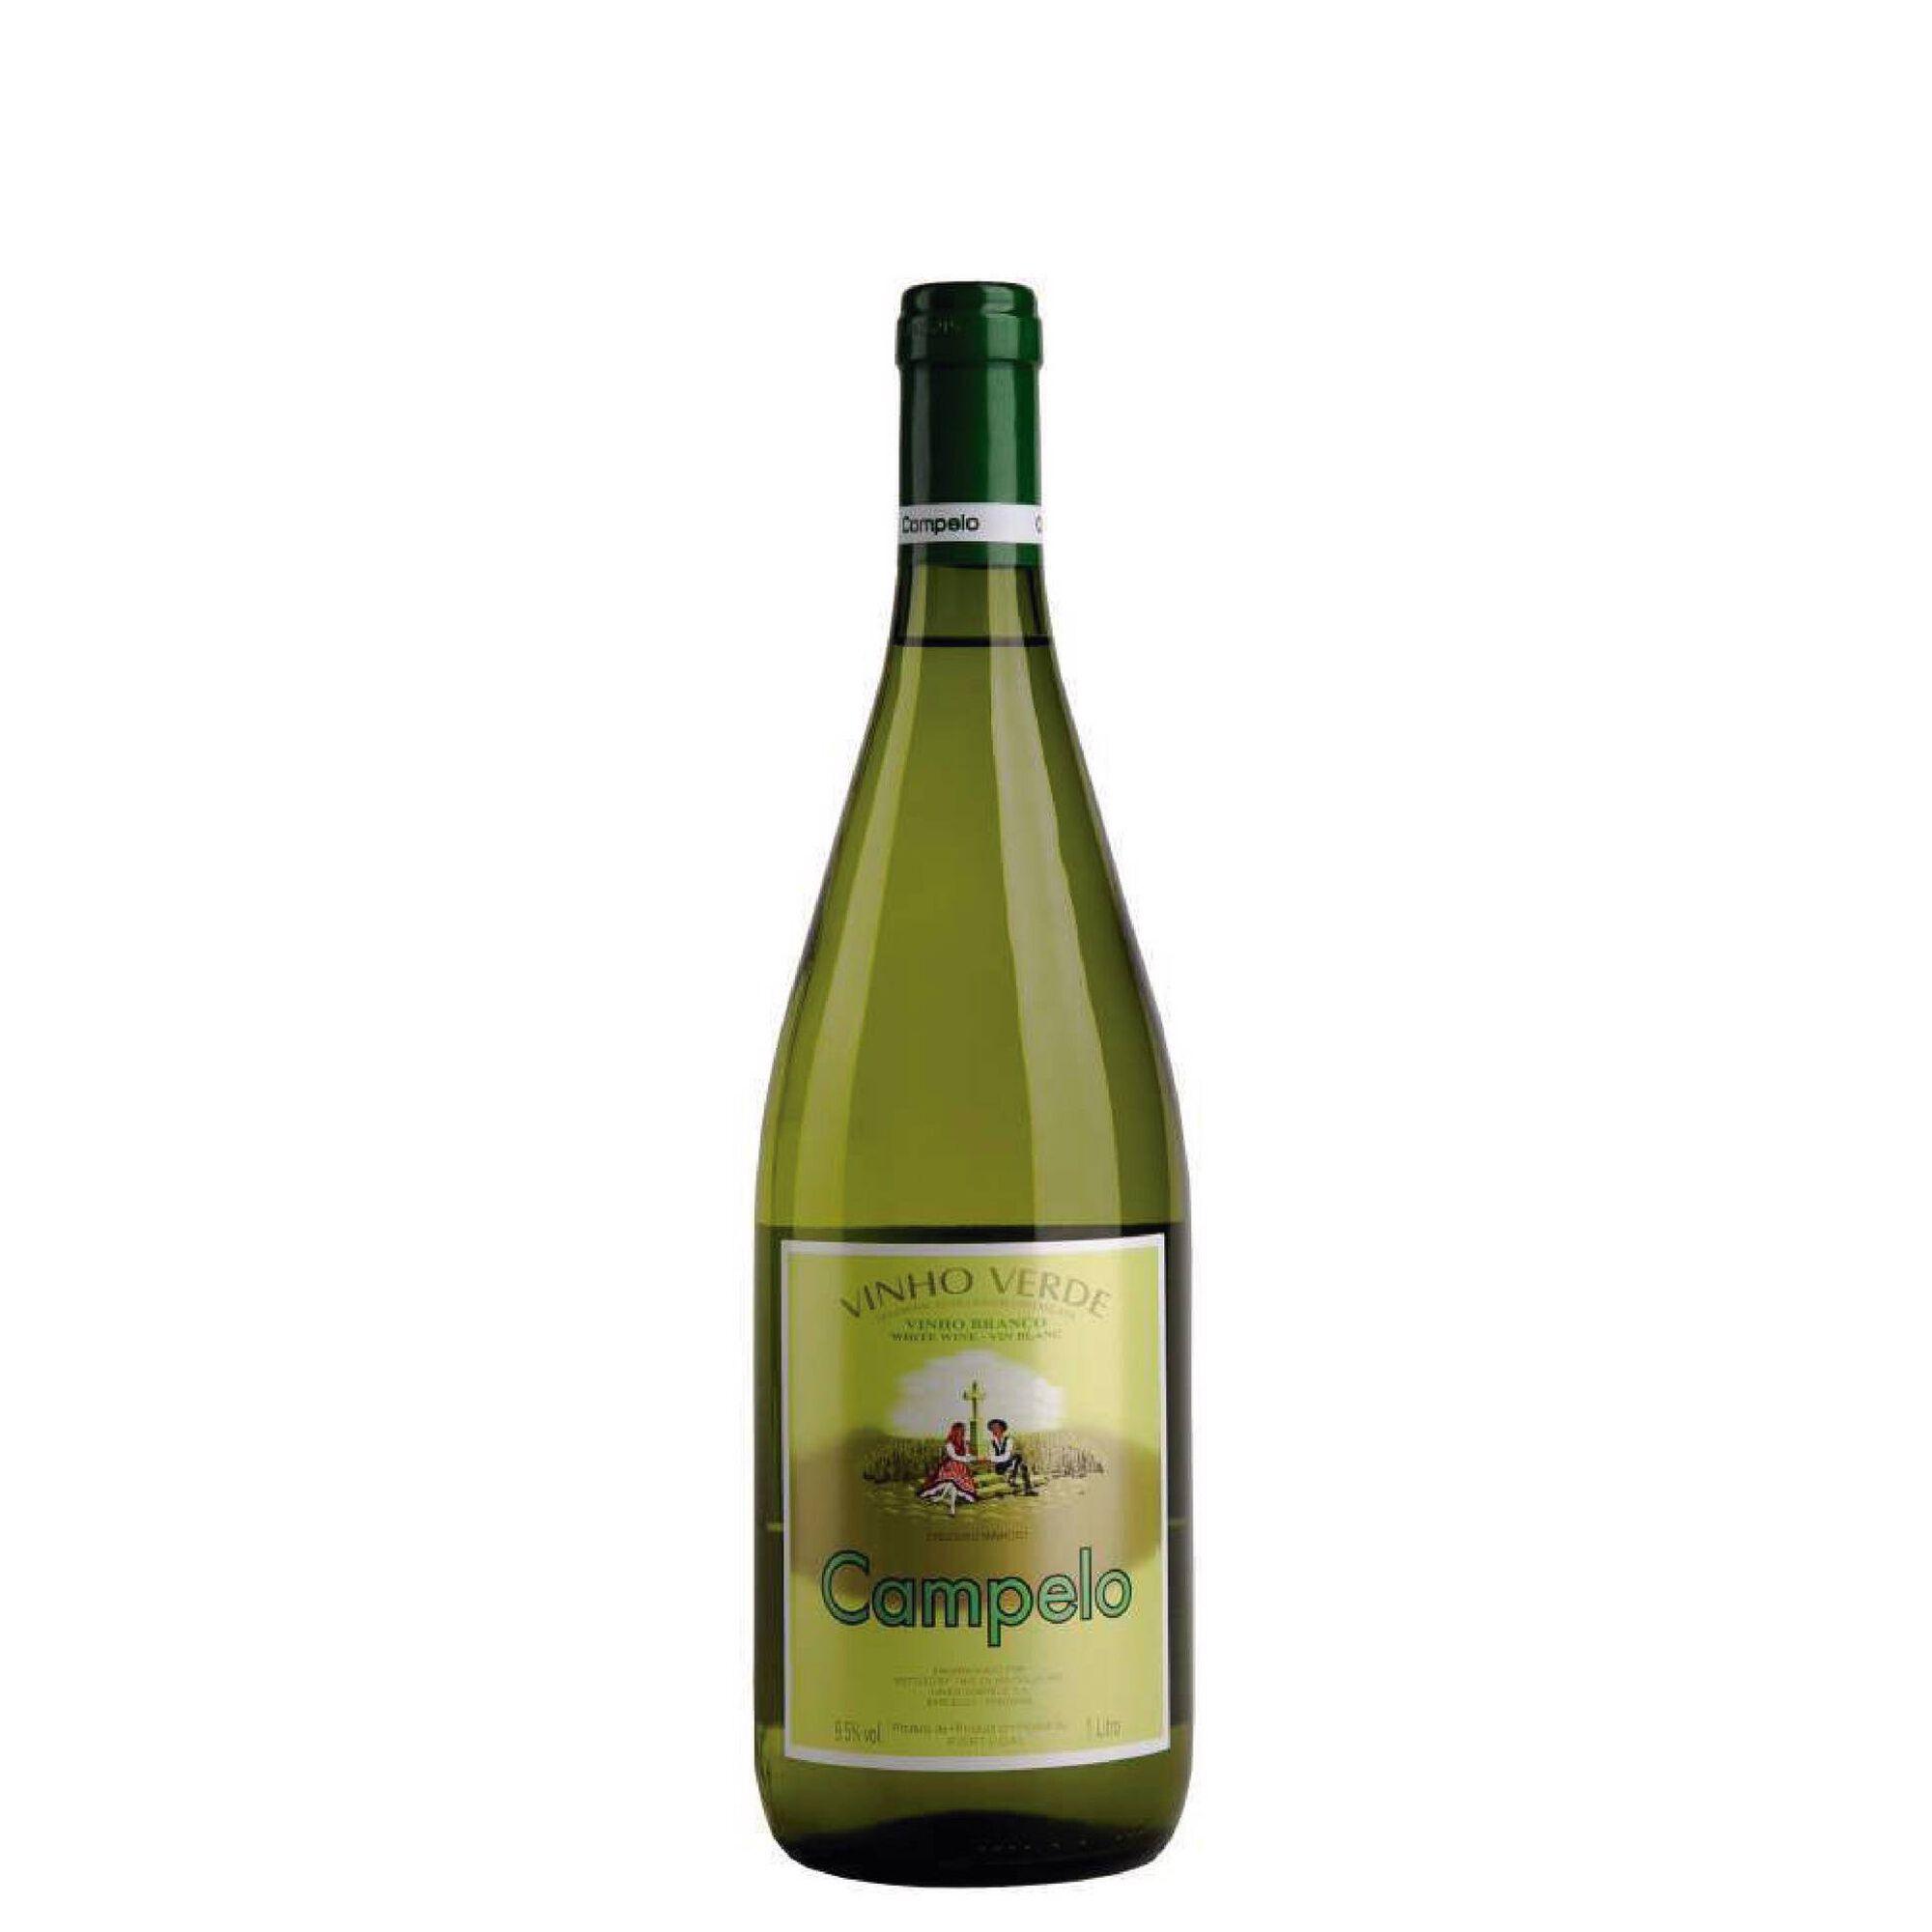 Campelo Branco DOC Vinho Verde